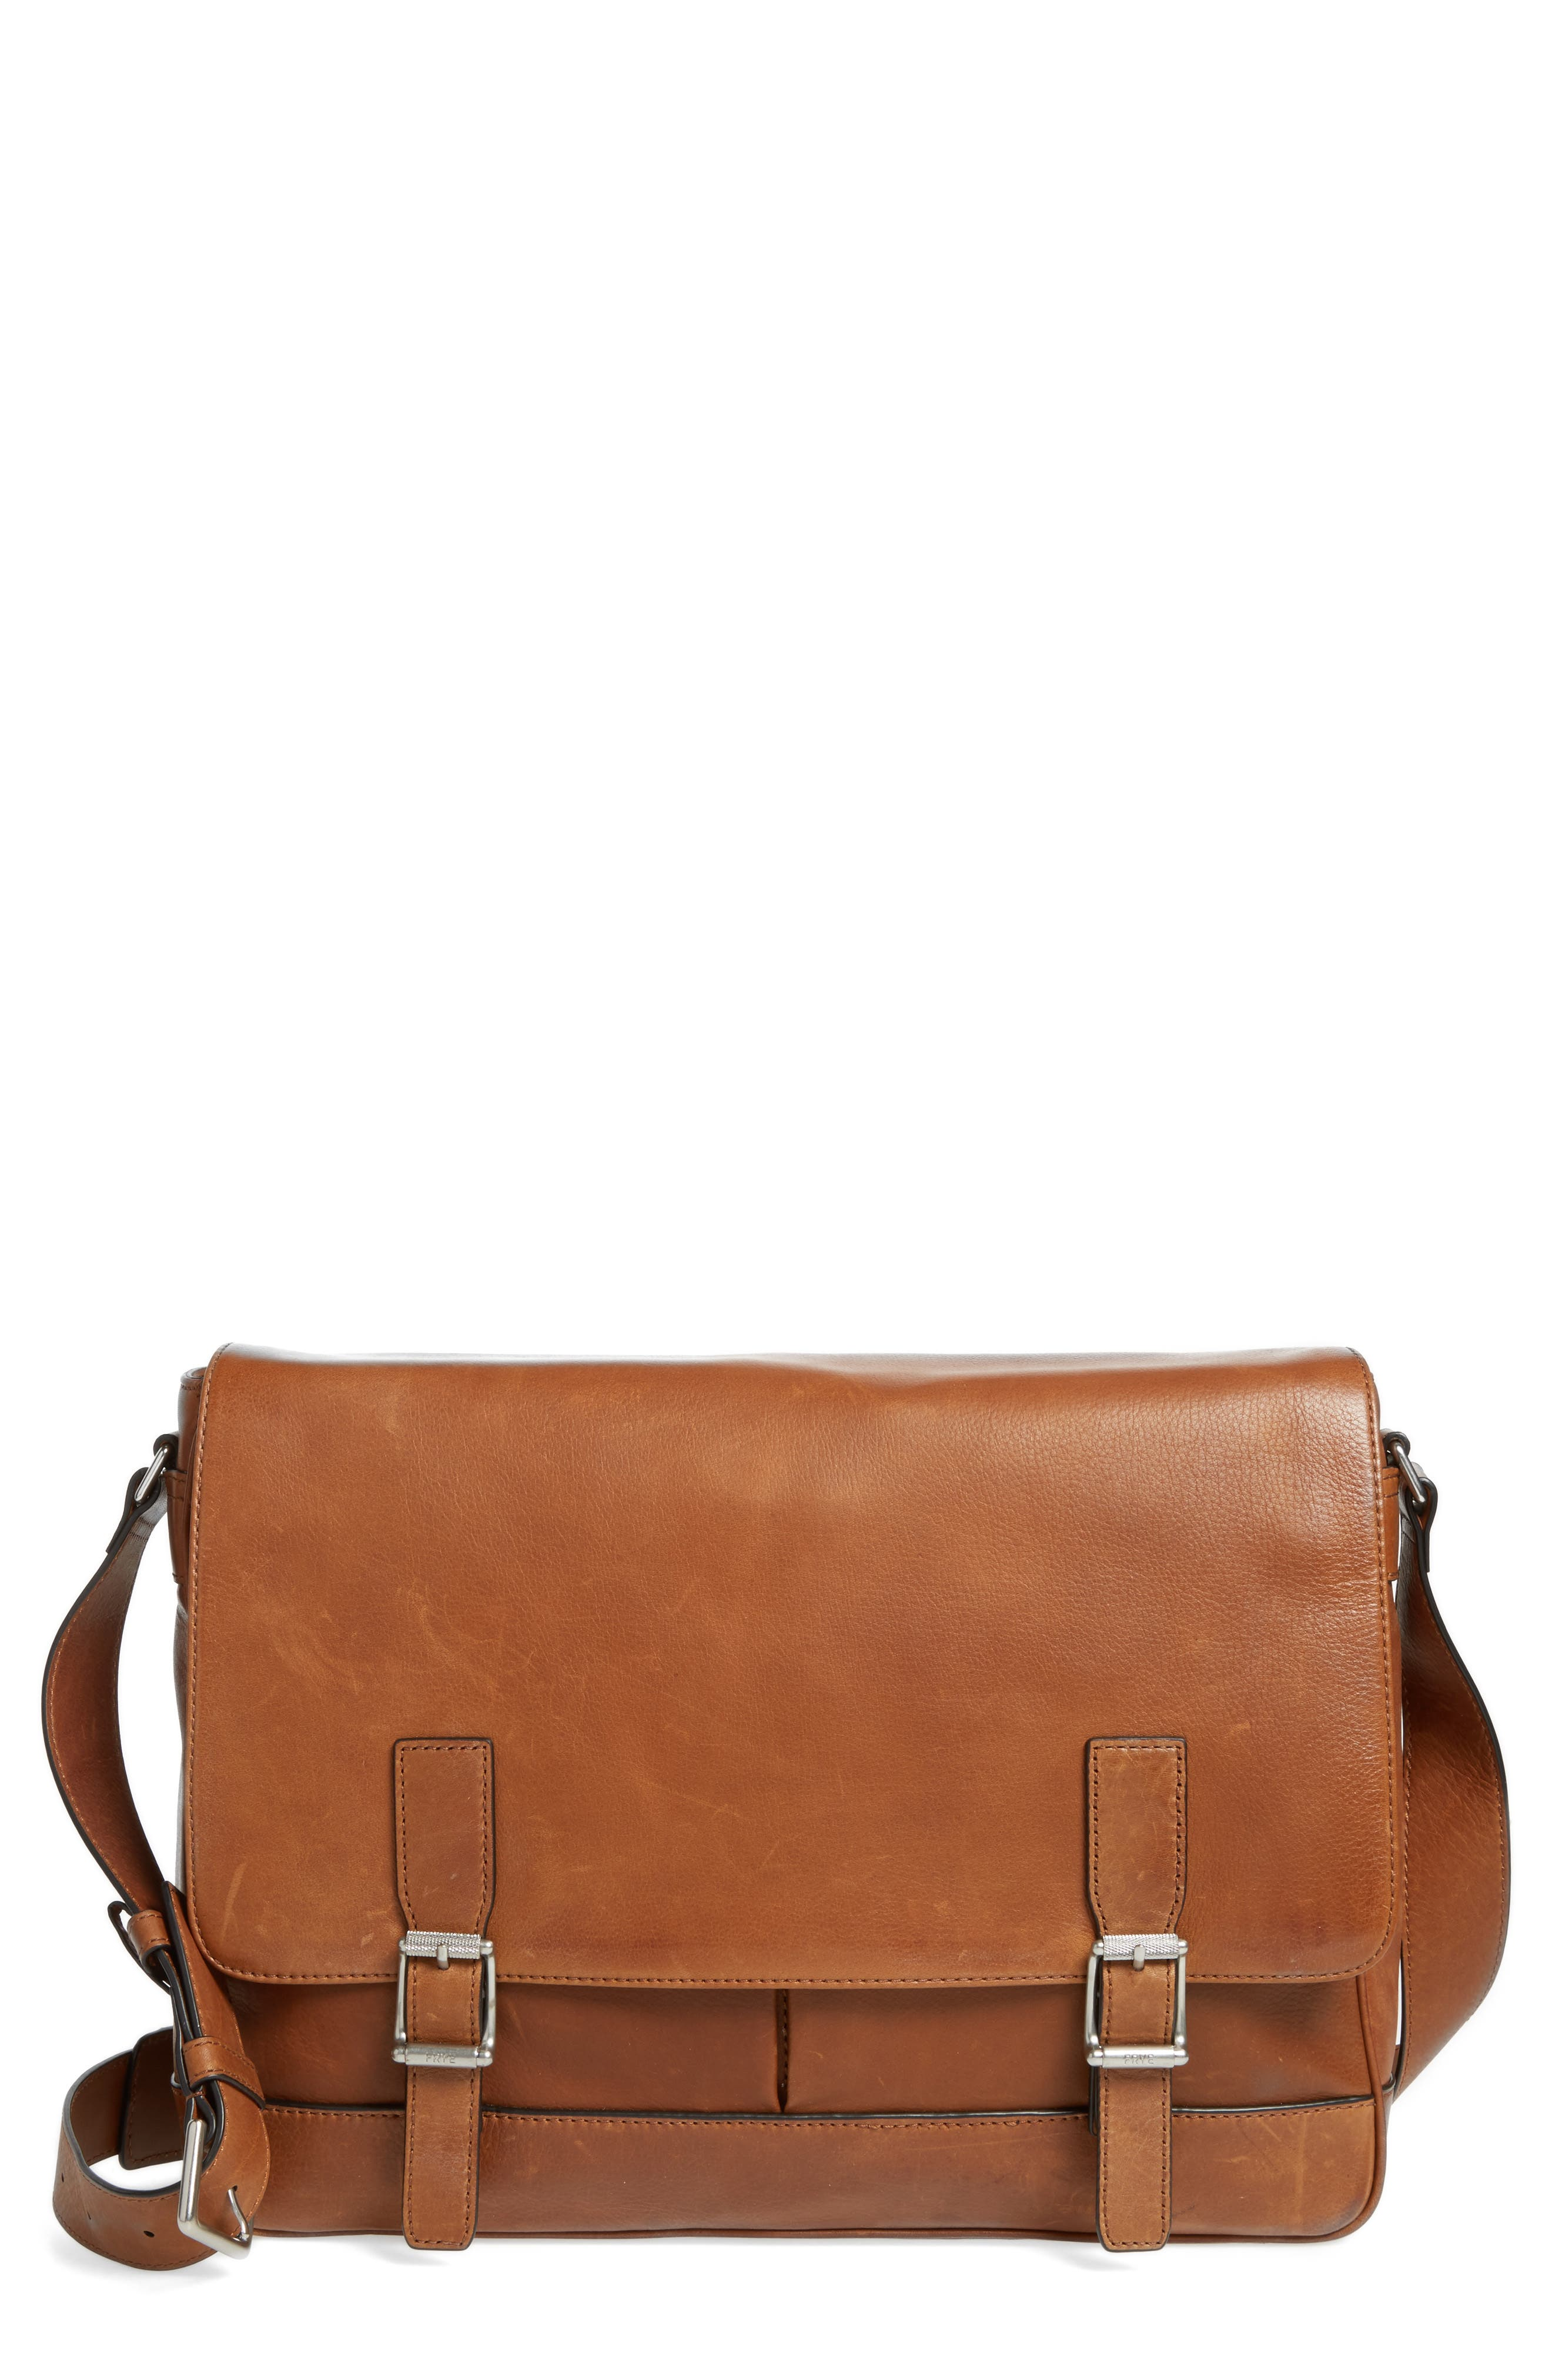 Oliver Leather Messenger Bag,                         Main,                         color, Cognac